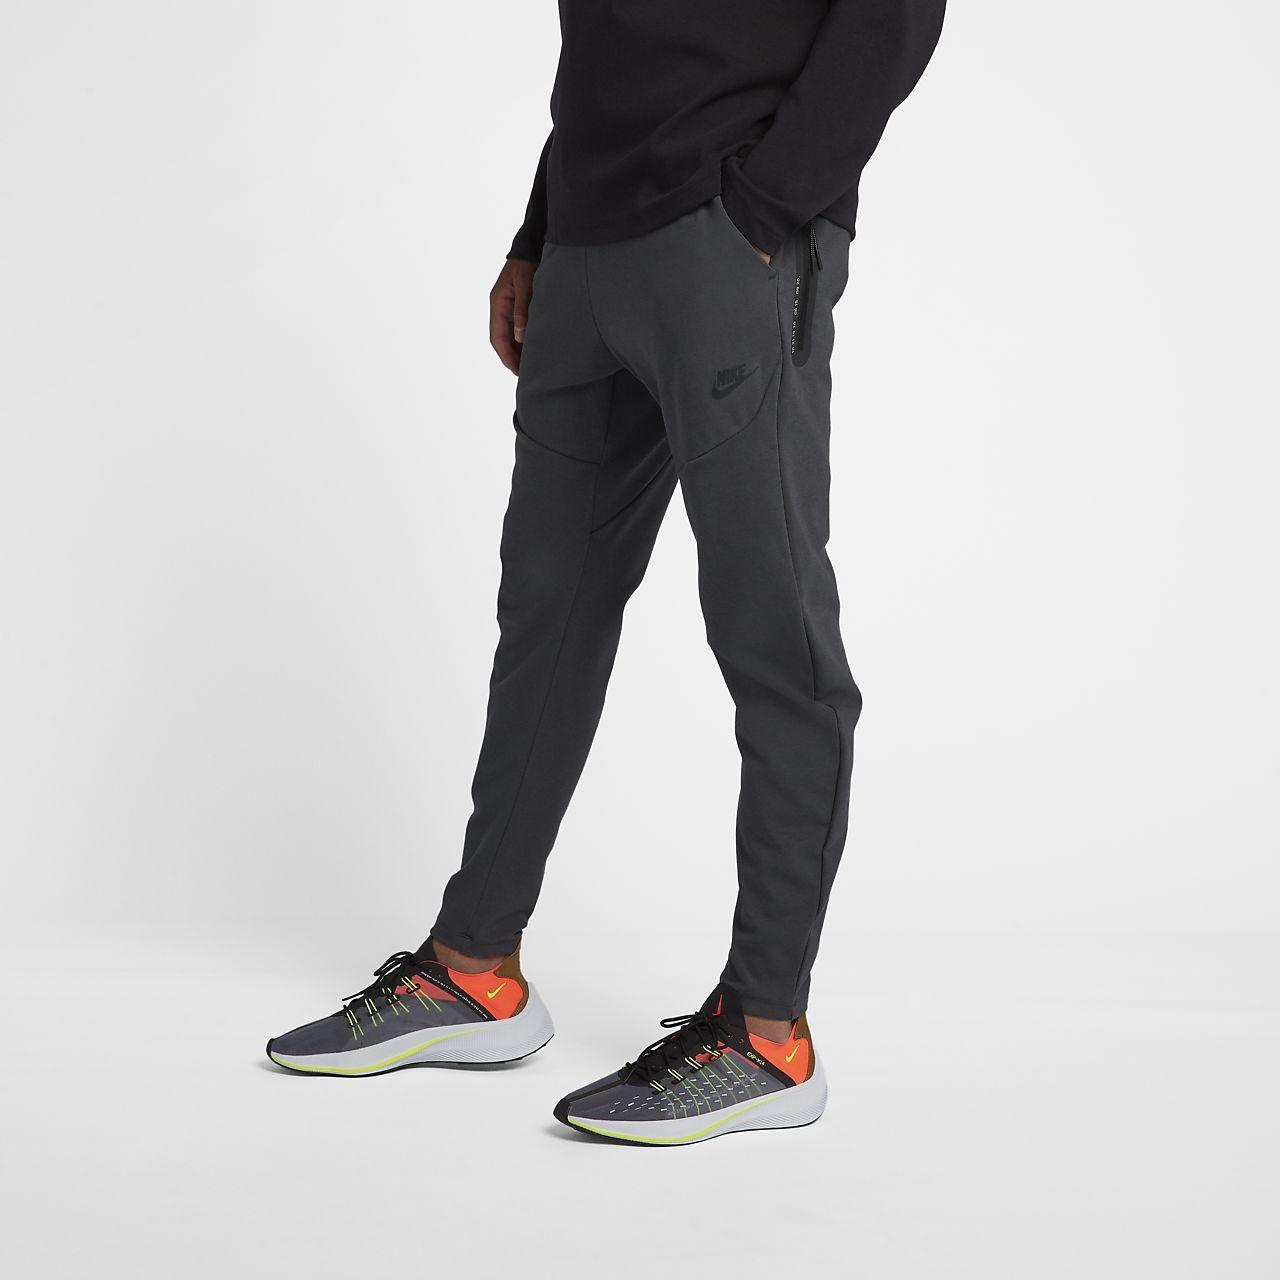 Pantaloni Nike Sportswear Tech Uomo | Pantaloni nike